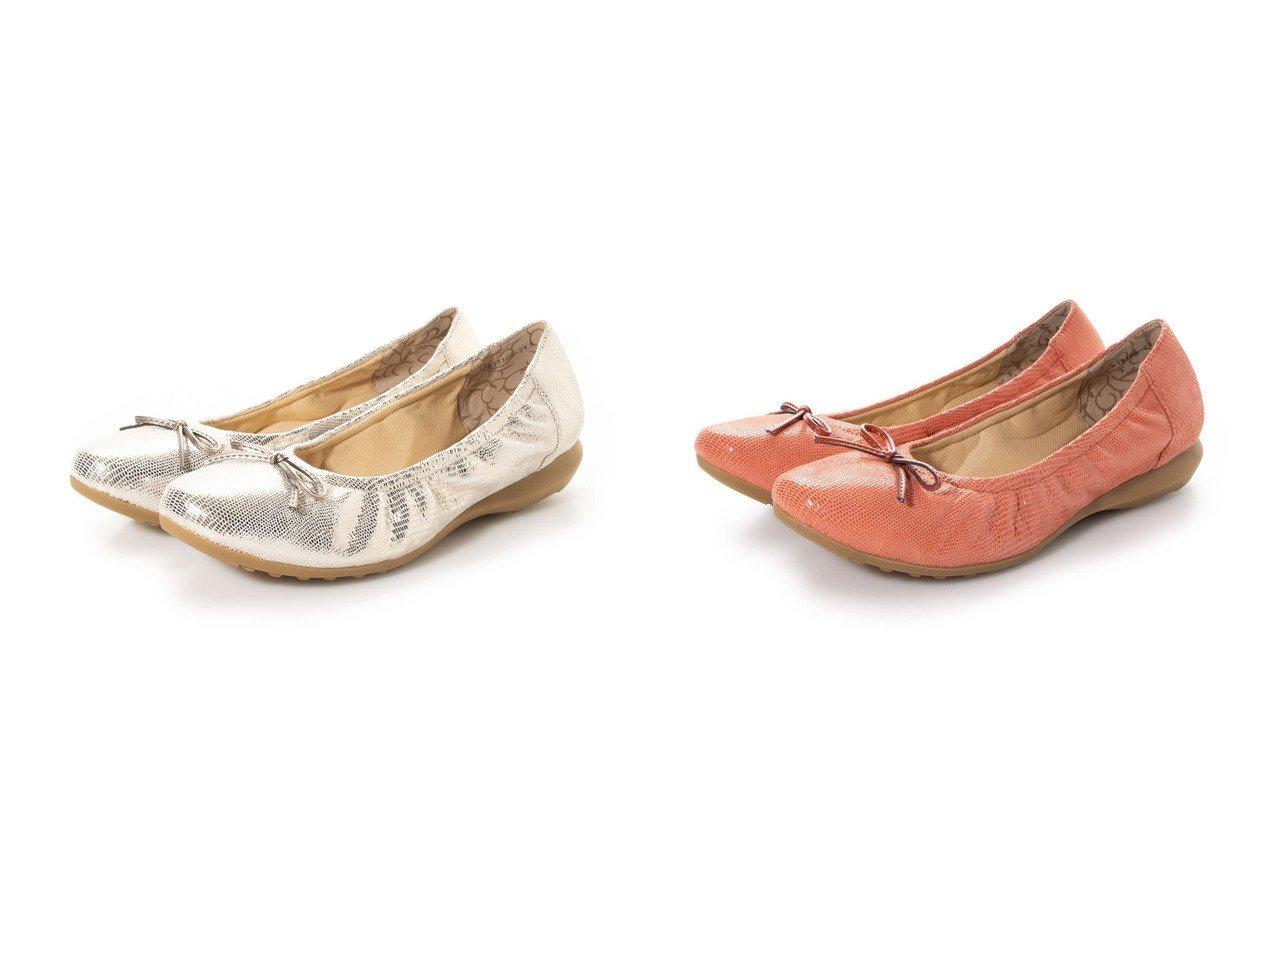 【HIMIKO/卑弥呼】の【老舗のベストセラー】スニーカーパンプス/613105 シューズ・靴のおすすめ!人気、トレンド・レディースファッションの通販 おすすめで人気の流行・トレンド、ファッションの通販商品 メンズファッション・キッズファッション・インテリア・家具・レディースファッション・服の通販 founy(ファニー) https://founy.com/ ファッション Fashion レディースファッション WOMEN アウター Coat Outerwear 2021年 2021 2021 春夏 S/S SS Spring/Summer 2021 S/S 春夏 SS Spring/Summer コレクション シンプル スニーカー フィット リボン 定番 Standard 春 Spring  ID:crp329100000023925